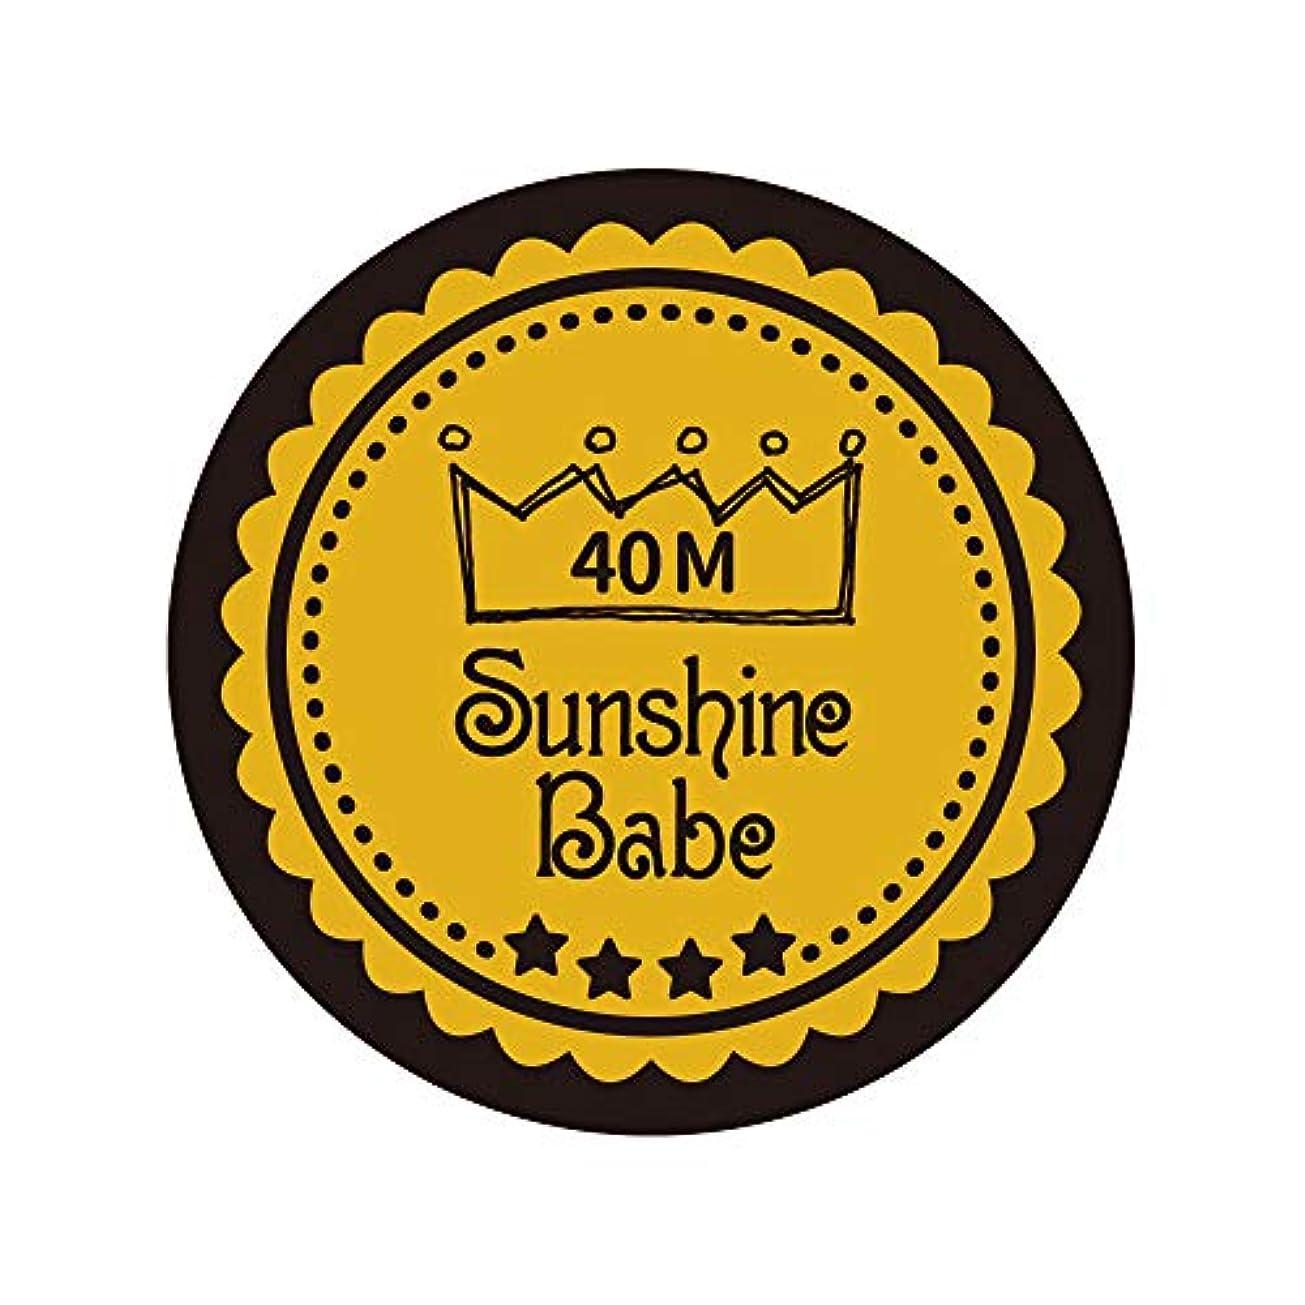 ありそう結果として何よりもSunshine Babe カラージェル 40M セイロンイエロー 4g UV/LED対応